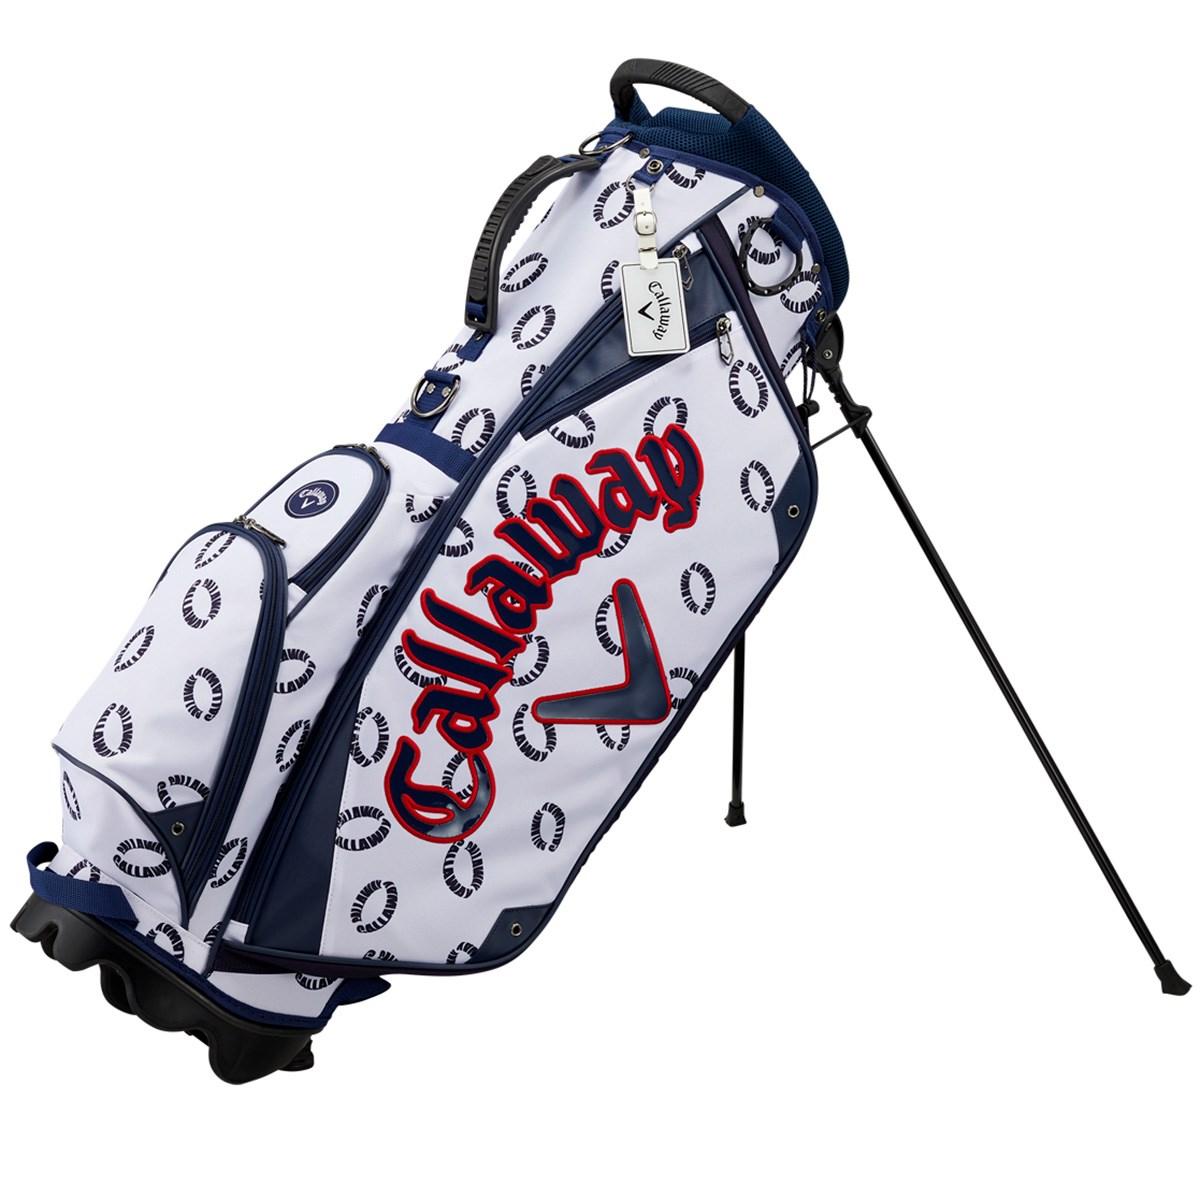 キャロウェイゴルフ(Callaway Golf) STYLE SPL-II JM スタンドキャディバッグ